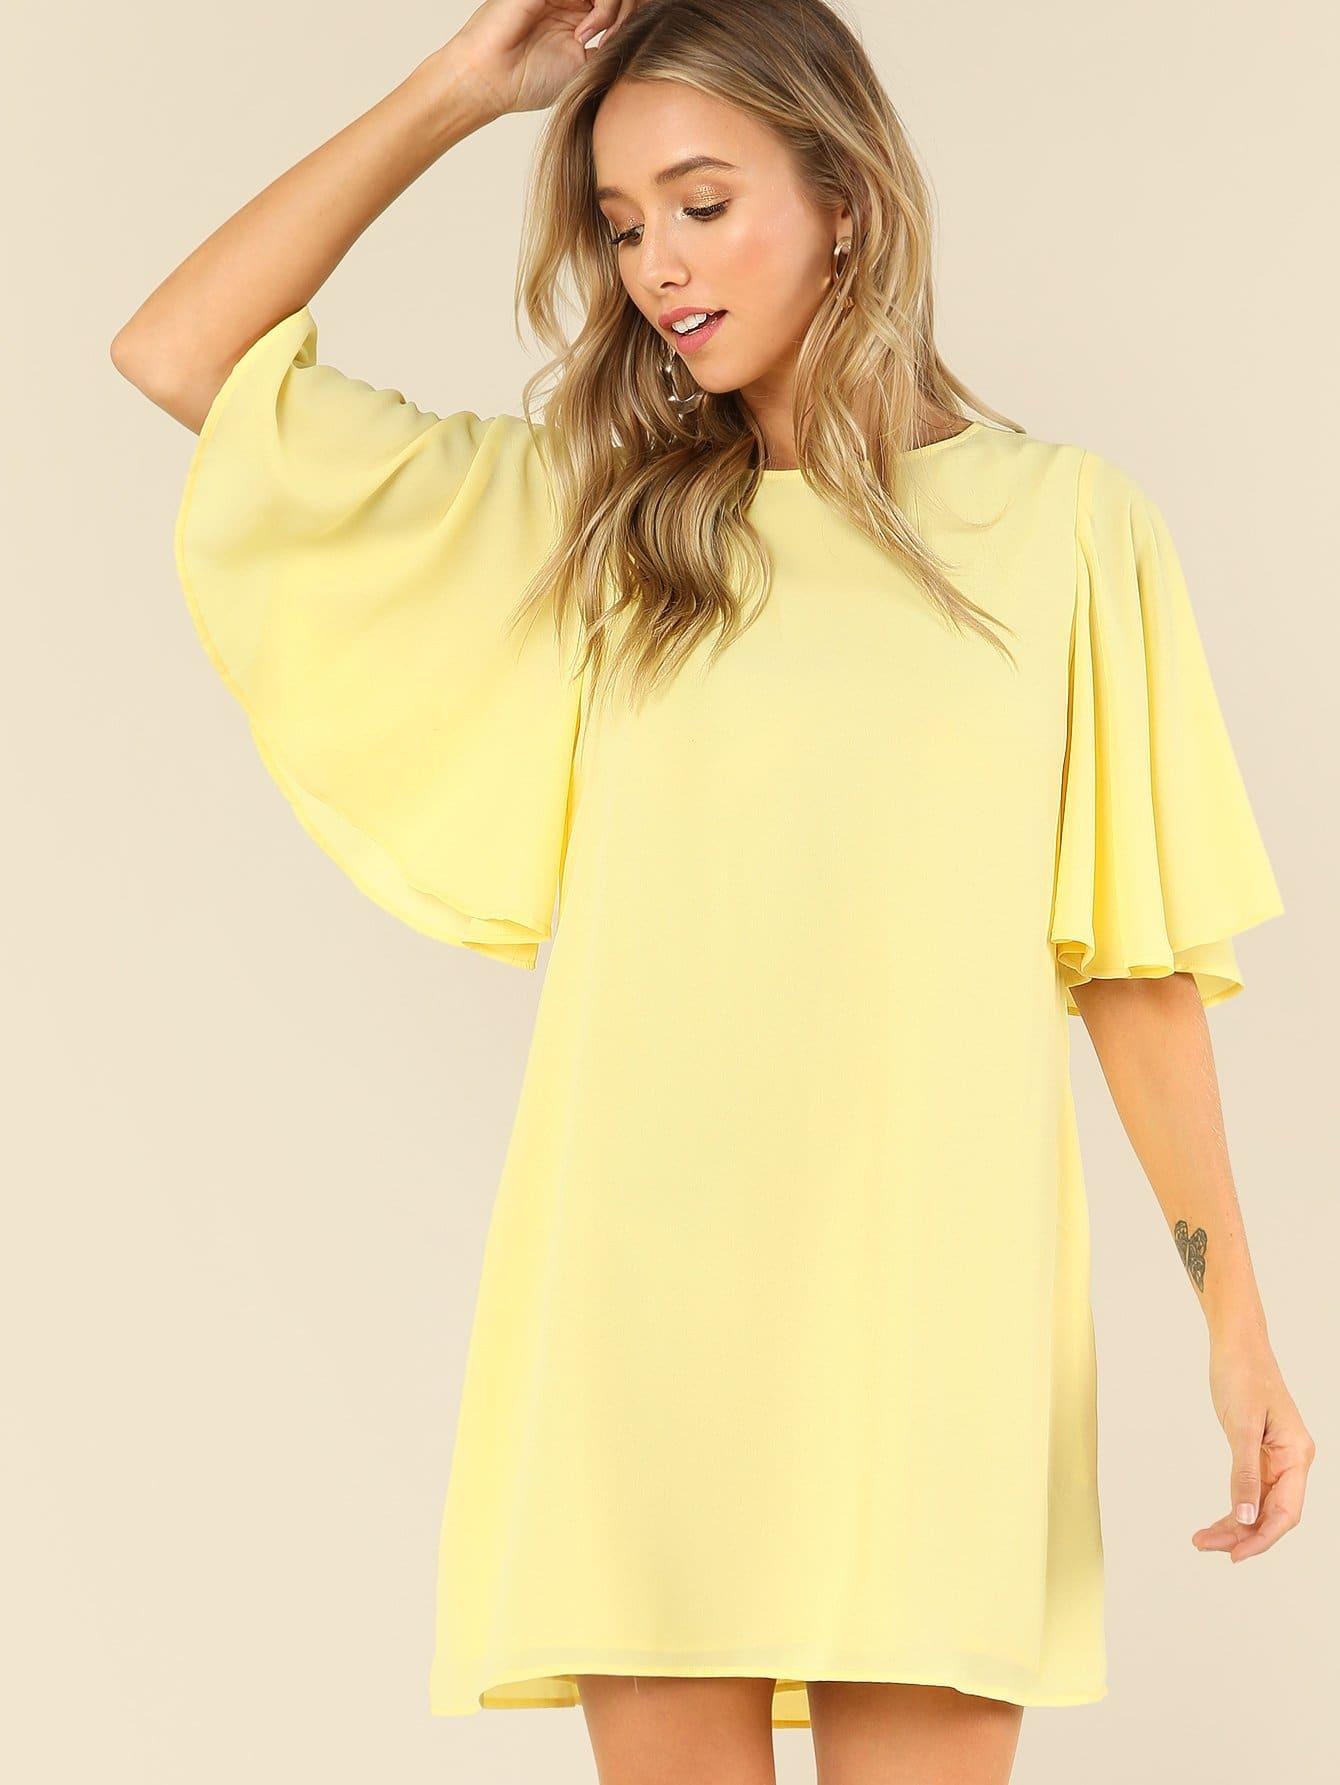 Butterfly Sleeve Solid Swing Dress long sleeve solid swing dress